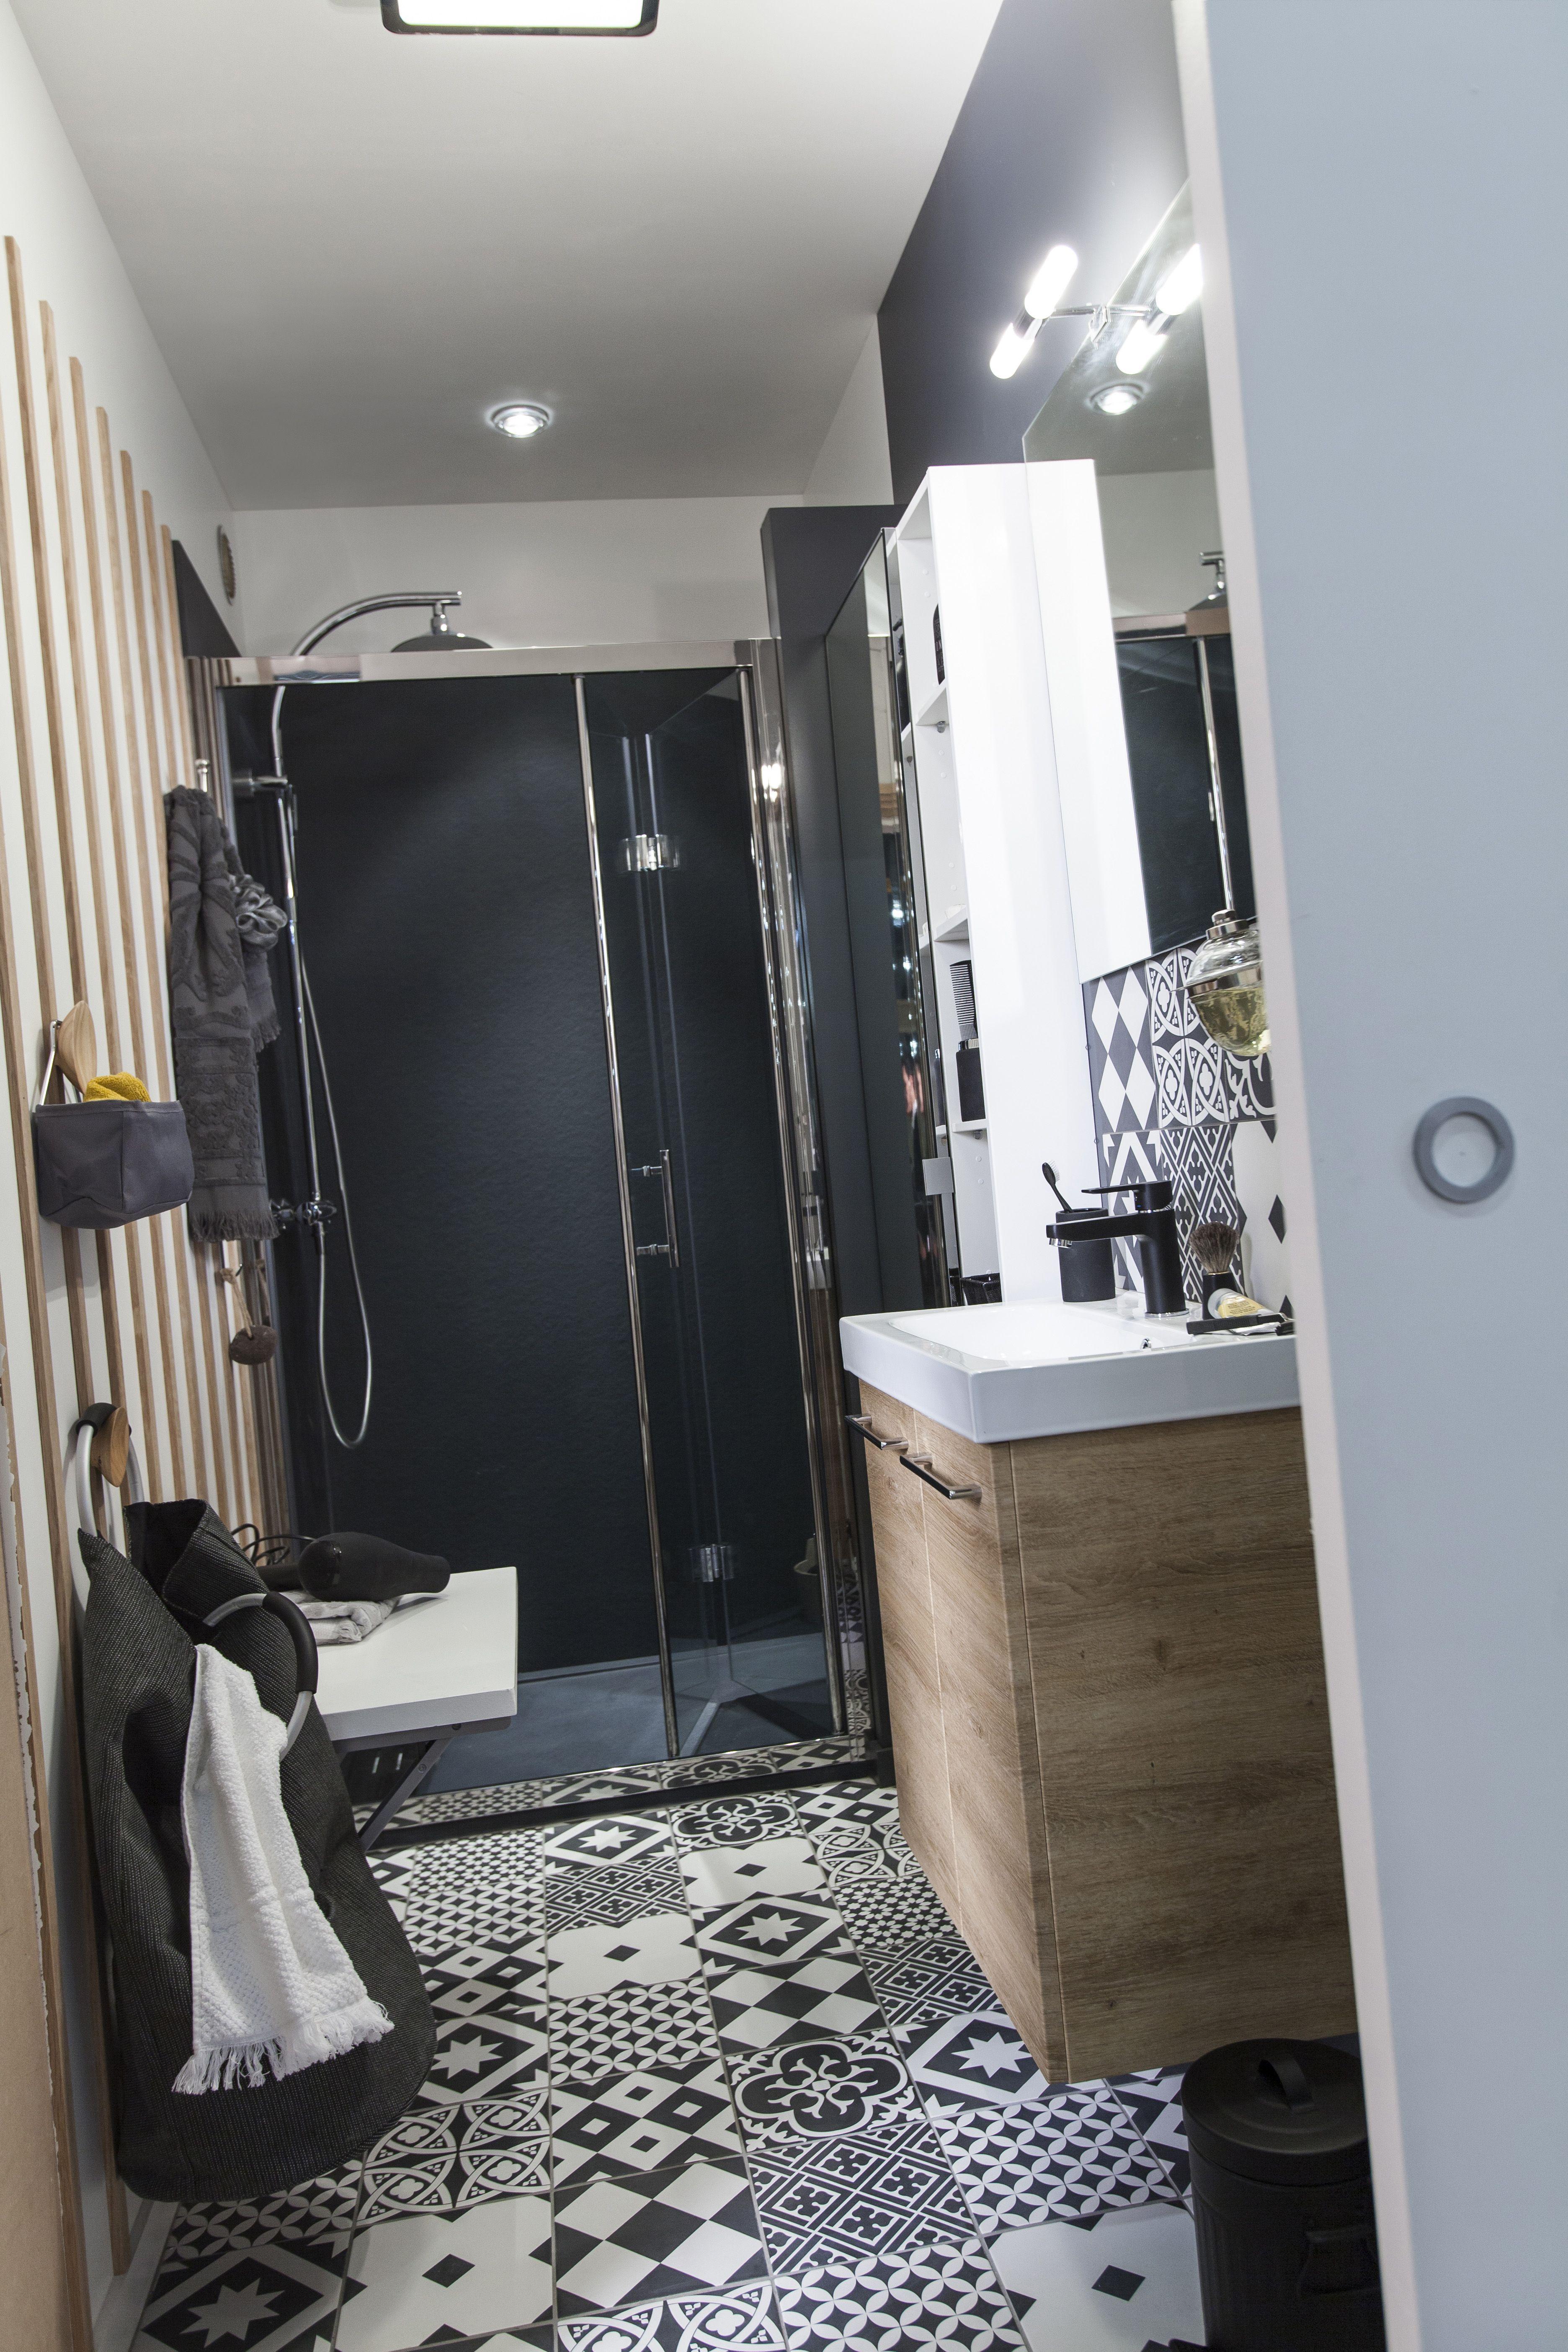 carrelage sol et mur noir et blanc effet ciment gatsby meuble de salle de bain remix receveur relooking salle de bain idee salle de bain salle de bain noir